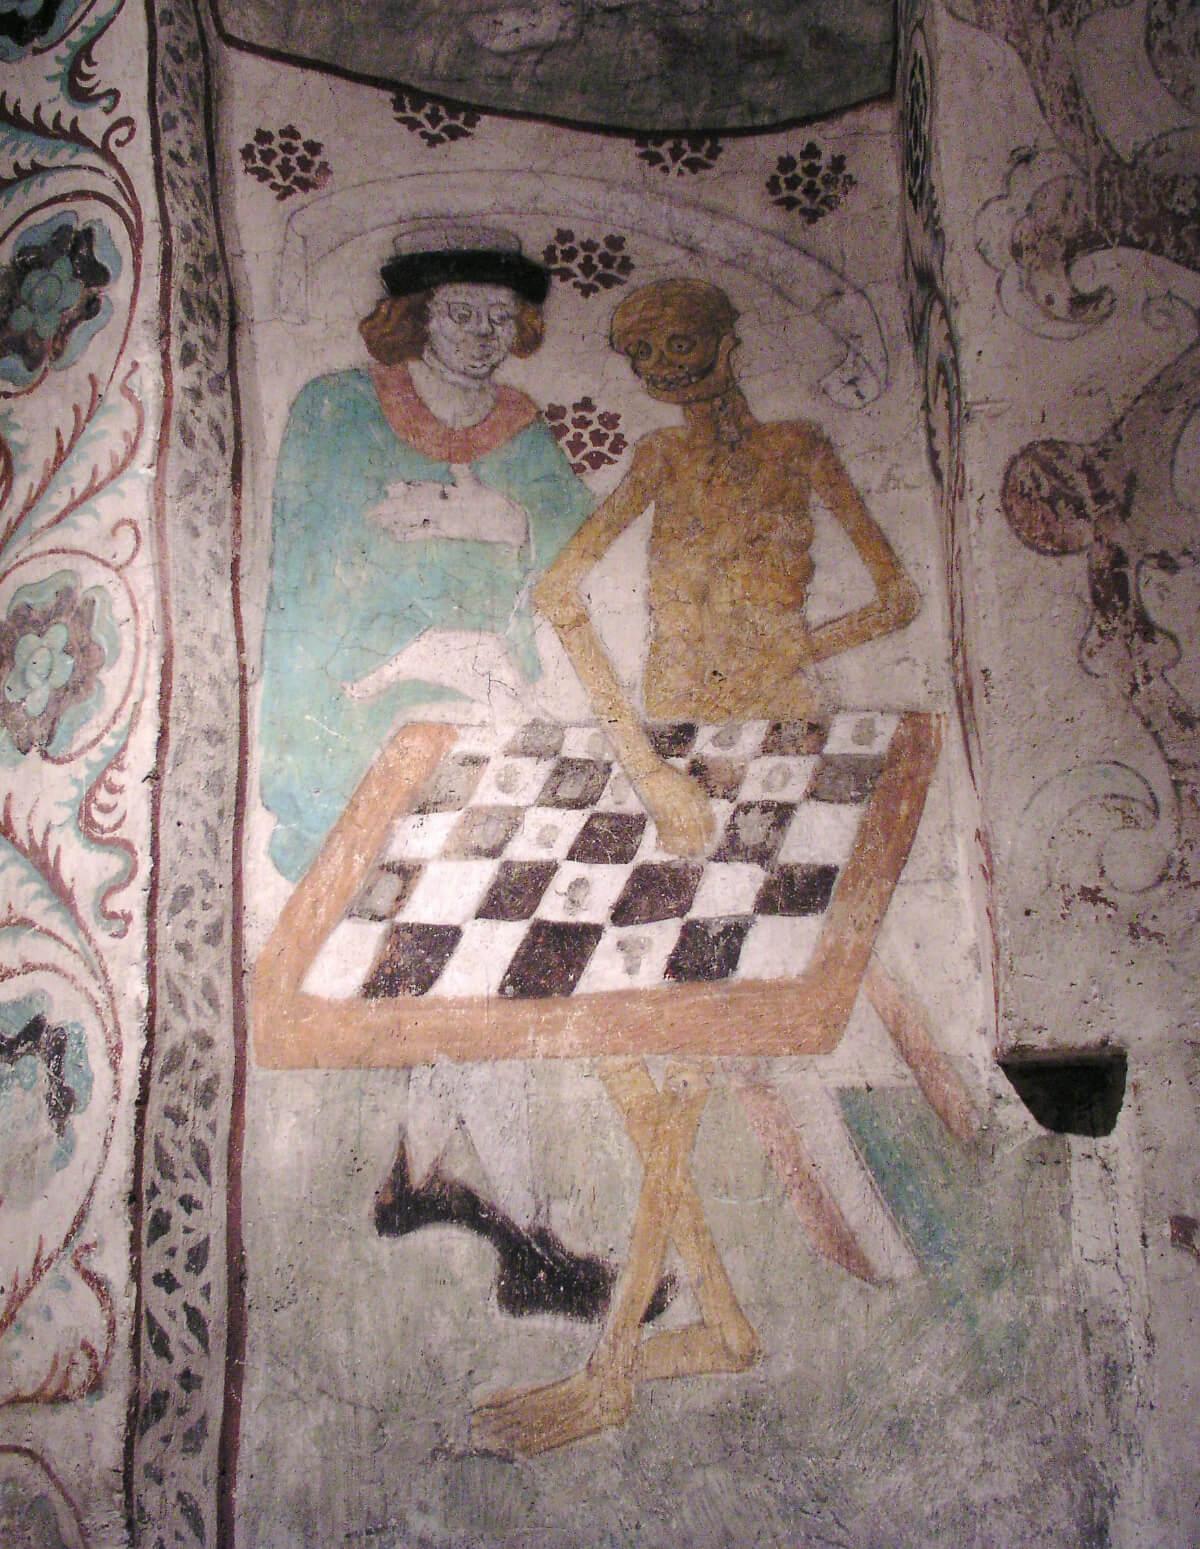 Fresque murale: La Mort jouant aux échecs par Albertus Pictor (1440-1507). Église de Täby, diocèse de Stockholm. Photo de Håkan Svensson.